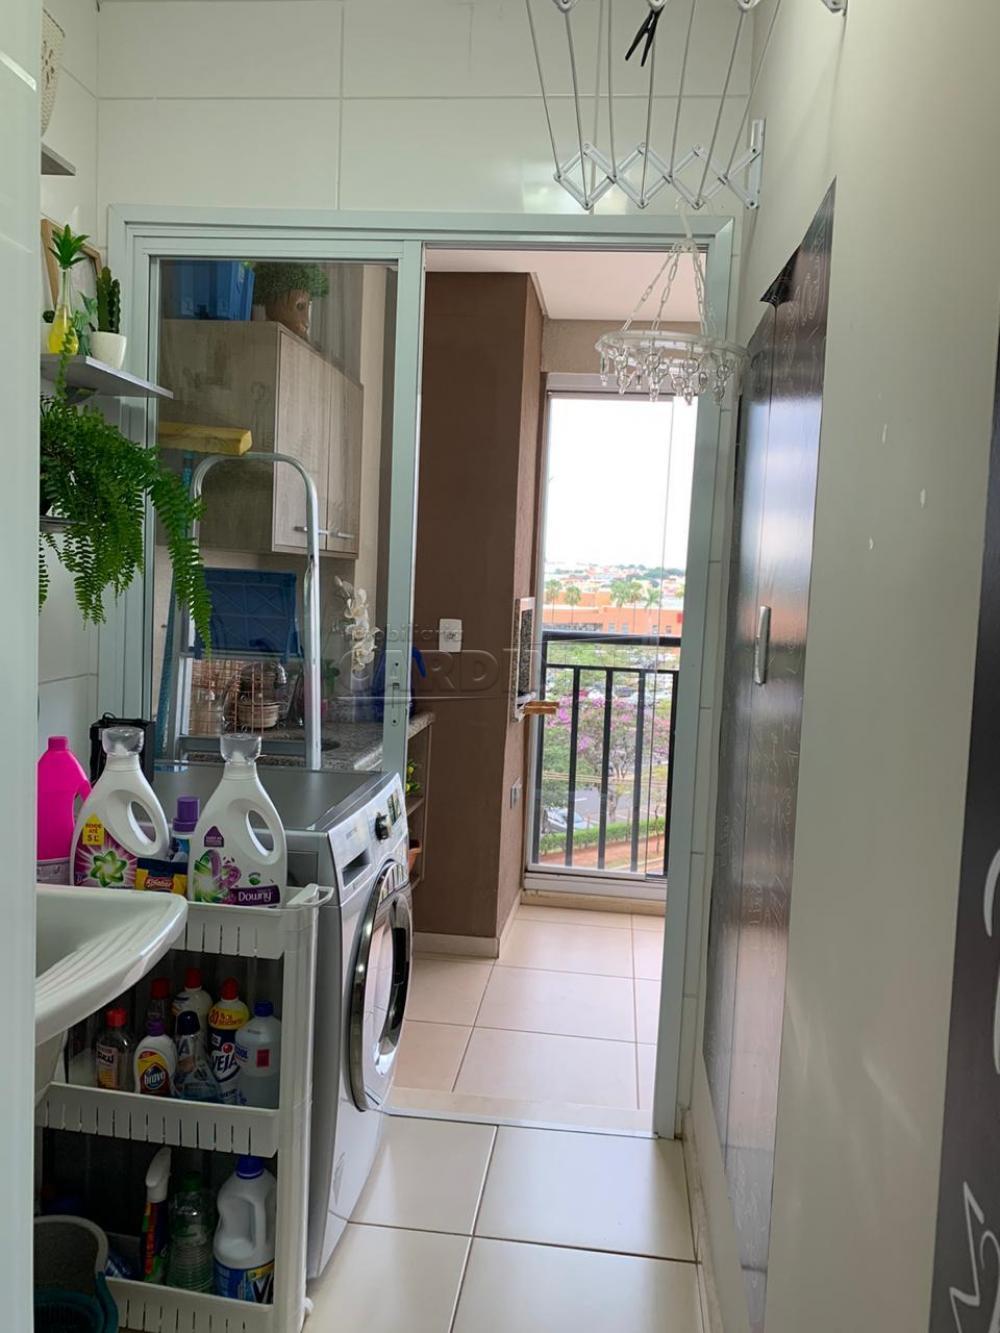 Comprar Apartamento / Padrão em São Carlos apenas R$ 455.000,00 - Foto 10